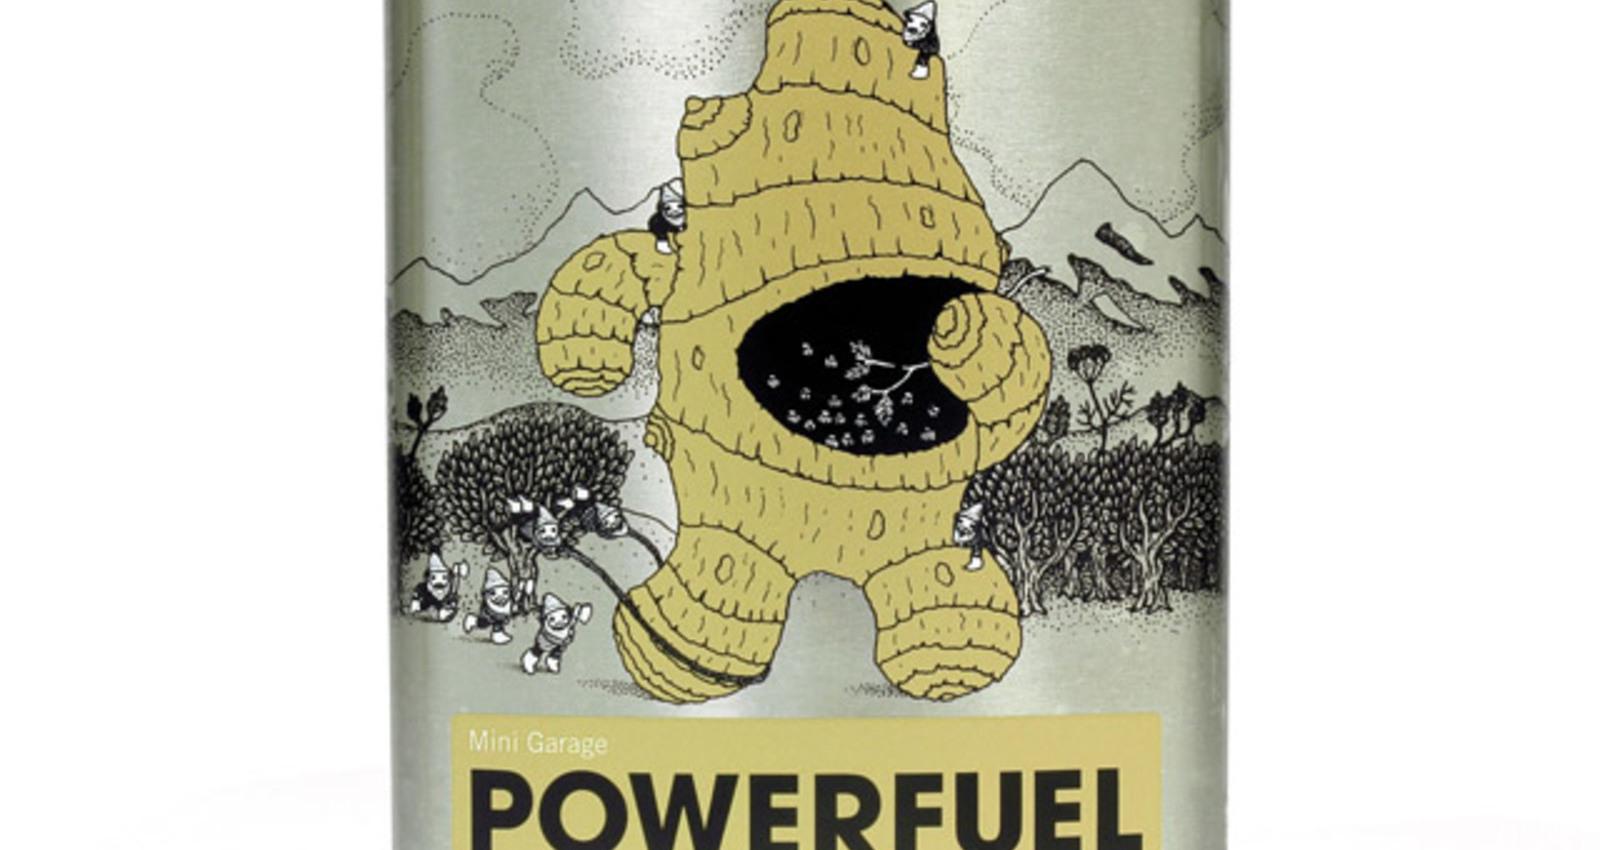 Powerfuel